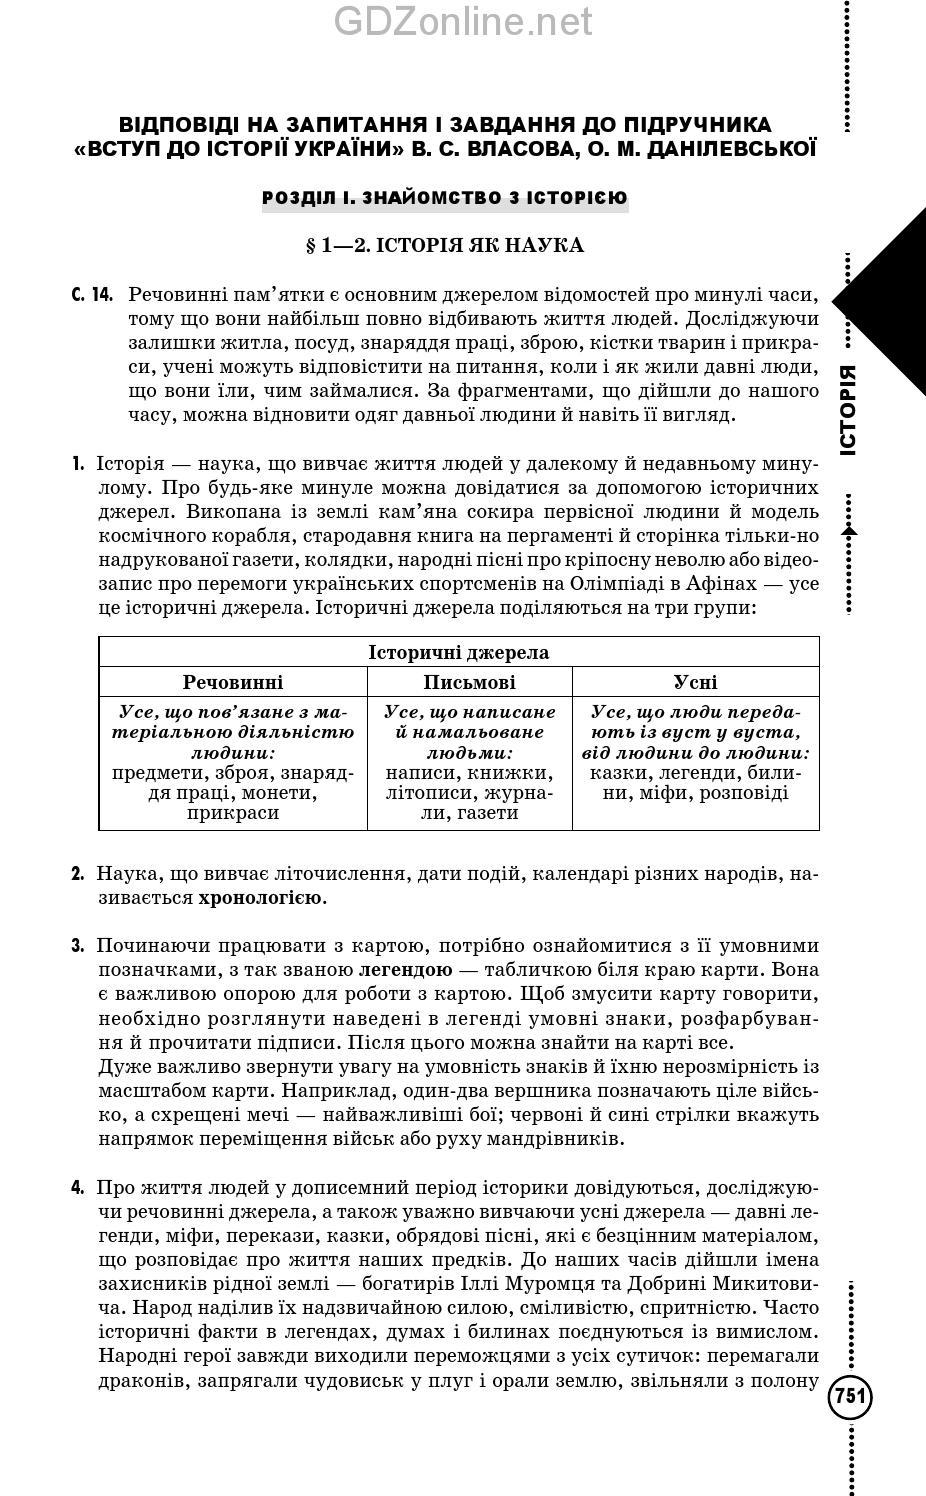 Украины 5 для по власов истории гдз класса